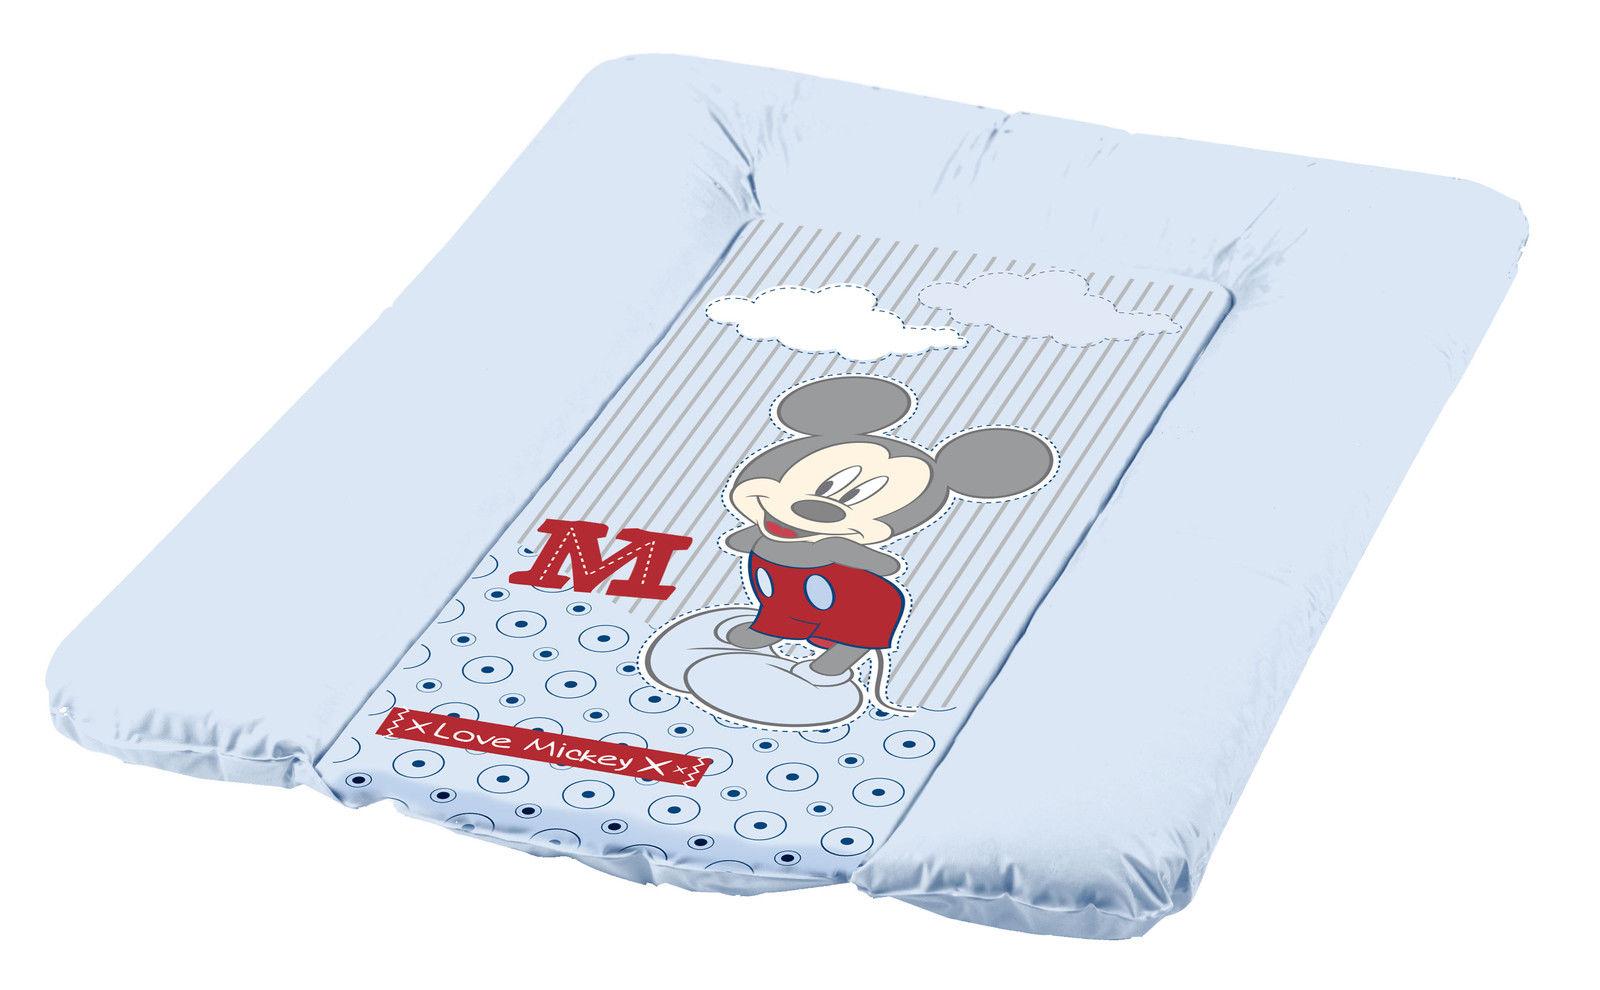 Пеленальный матрац с мягким основанием Микки, ярко-синий, 50х70 смГигиена малыша<br>Пеленальный матрац с мягким основанием Микки, ярко-синий, 50х70 см<br>